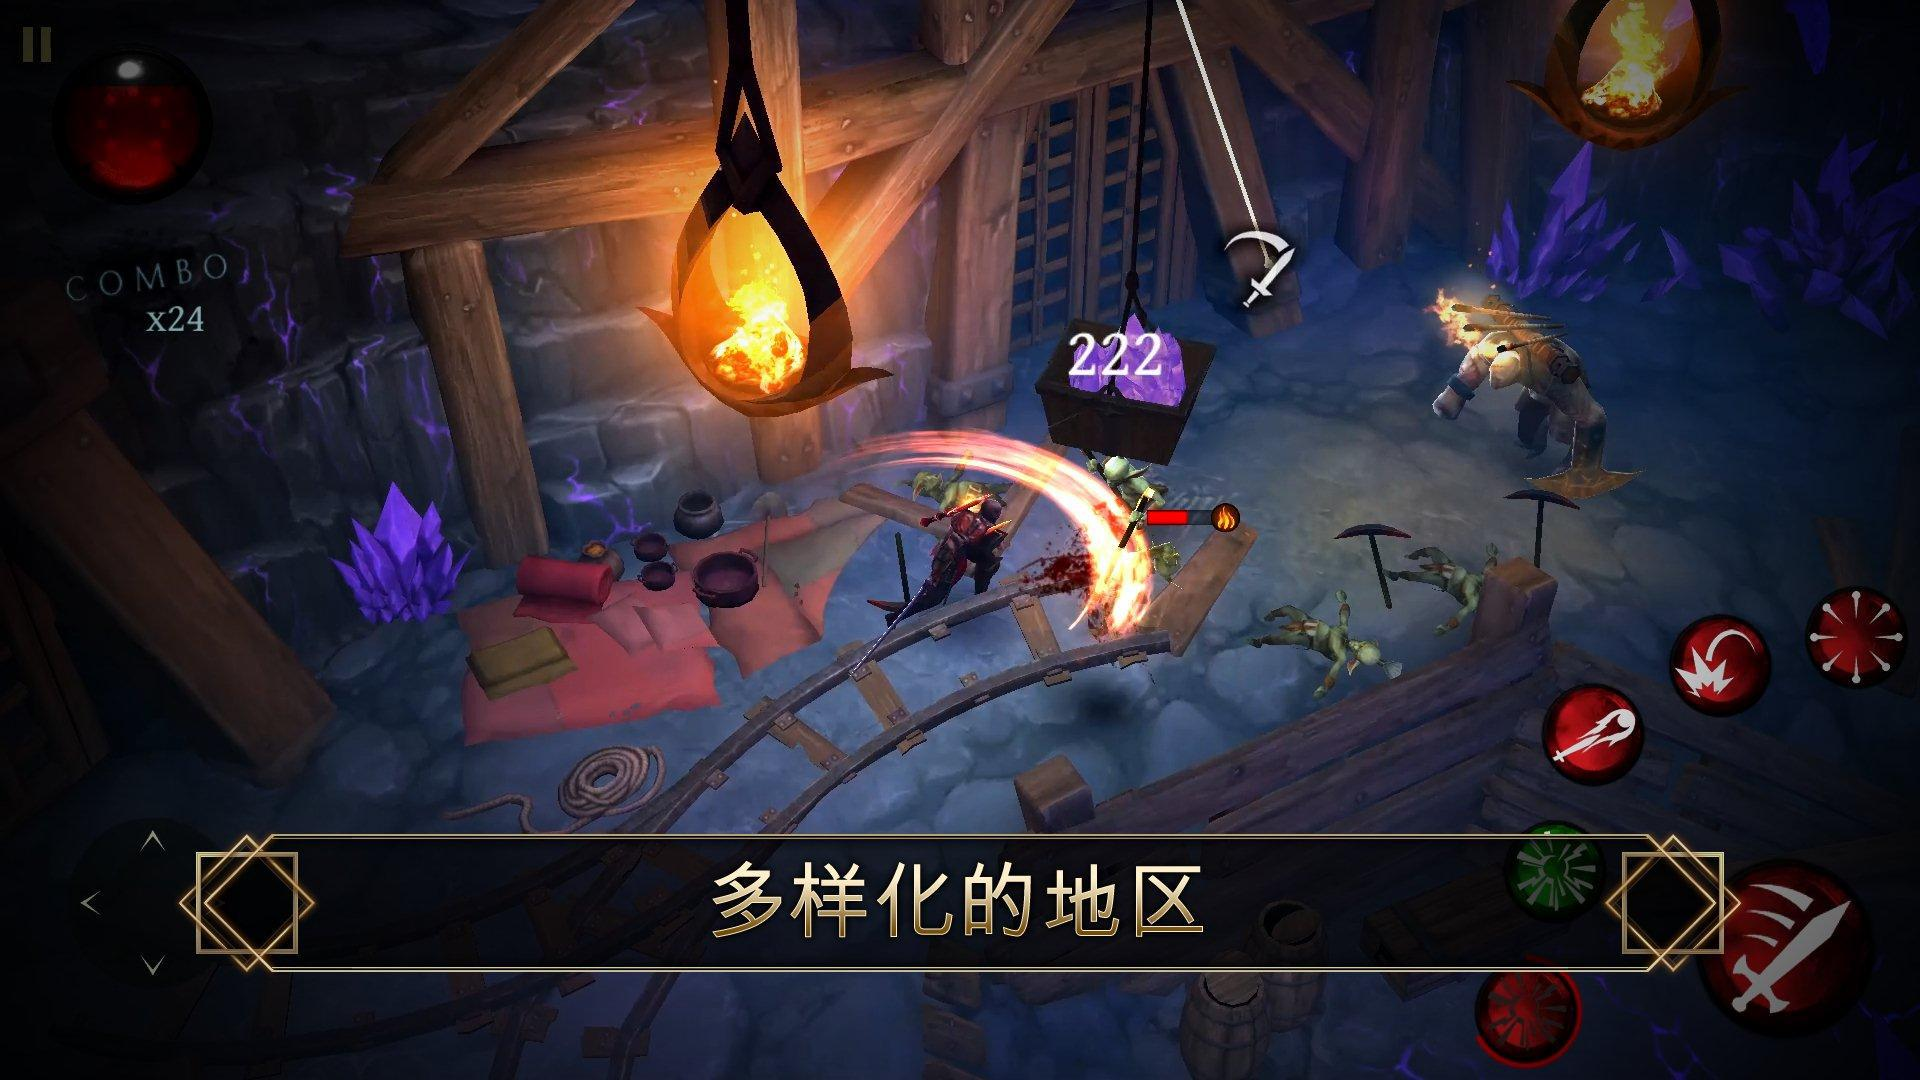 圣剑卫士 : 永生不朽 游戏截图2